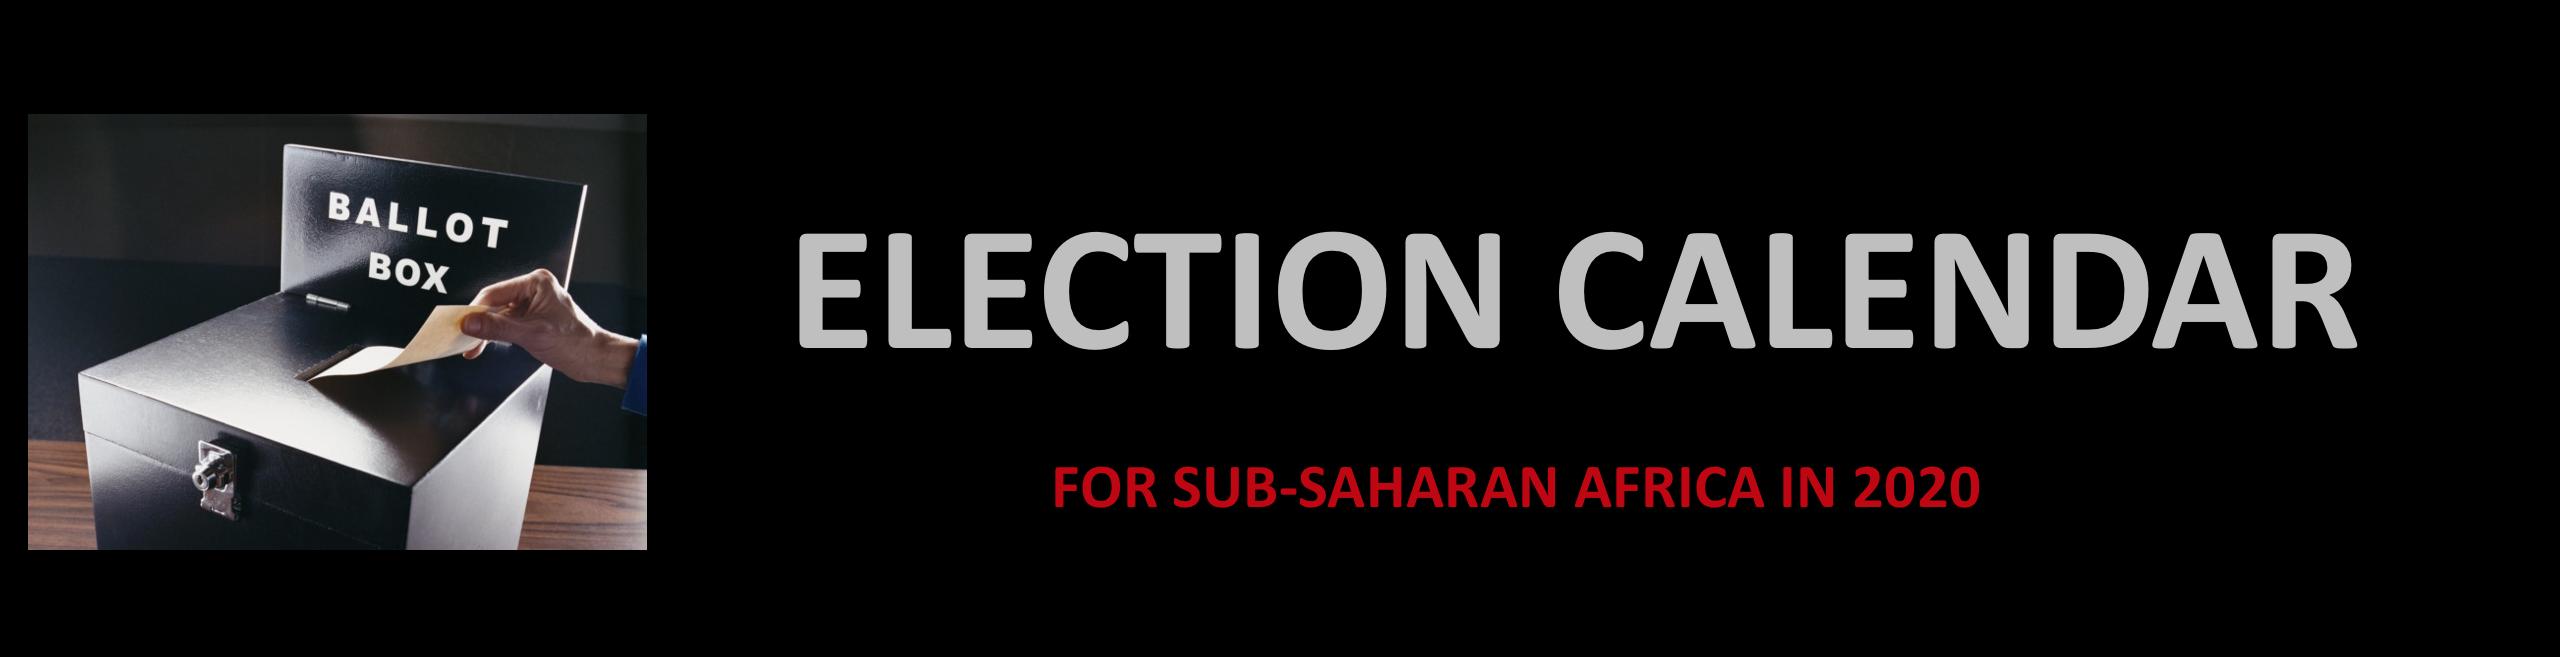 Election Calendar 2020